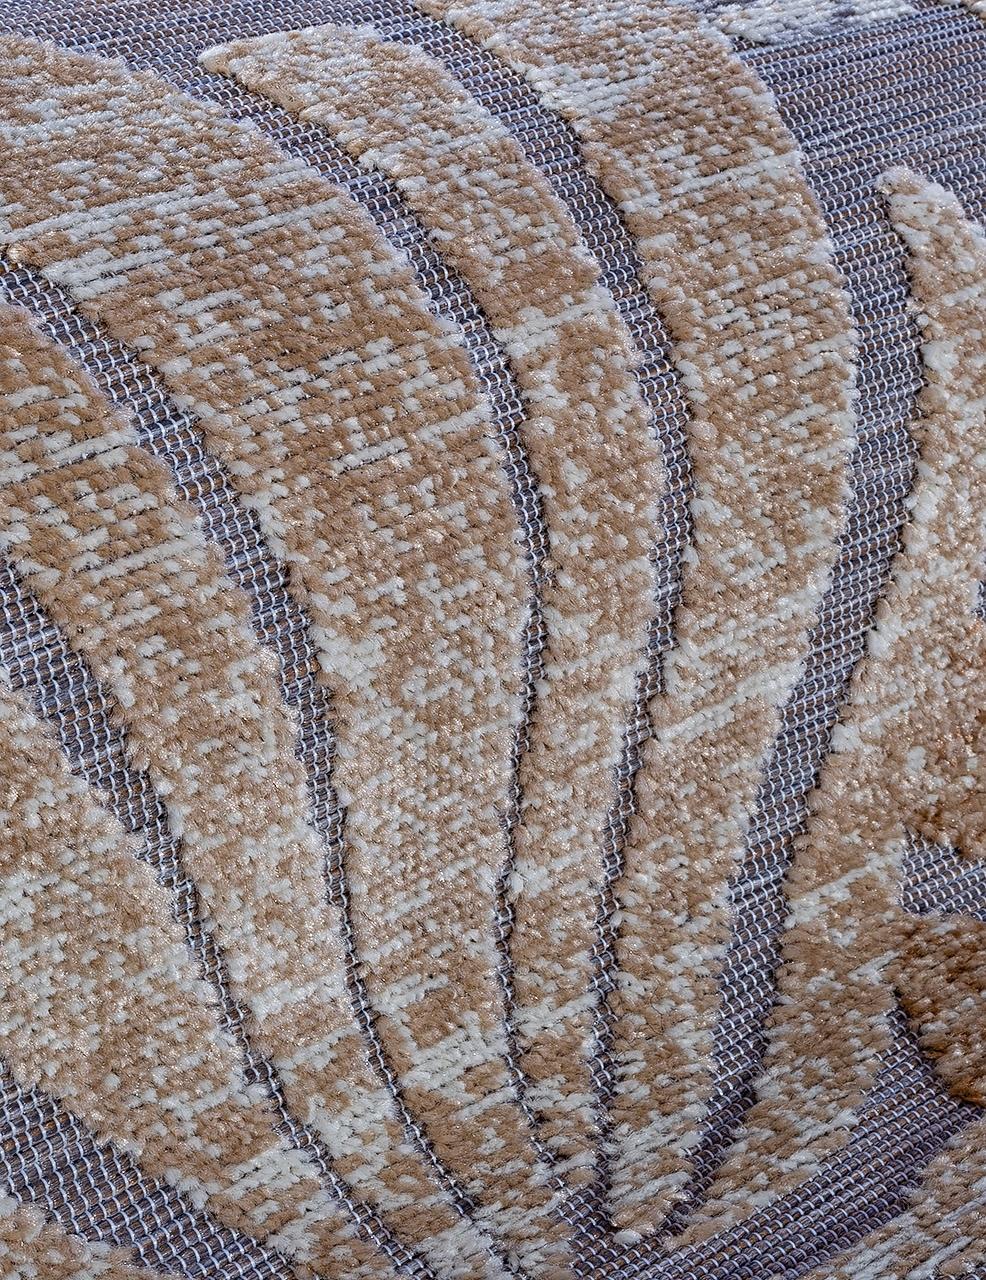 Ковер 6272 - BROWN-BEIGE - Прямоугольник - коллекция SIGMA - фото 4